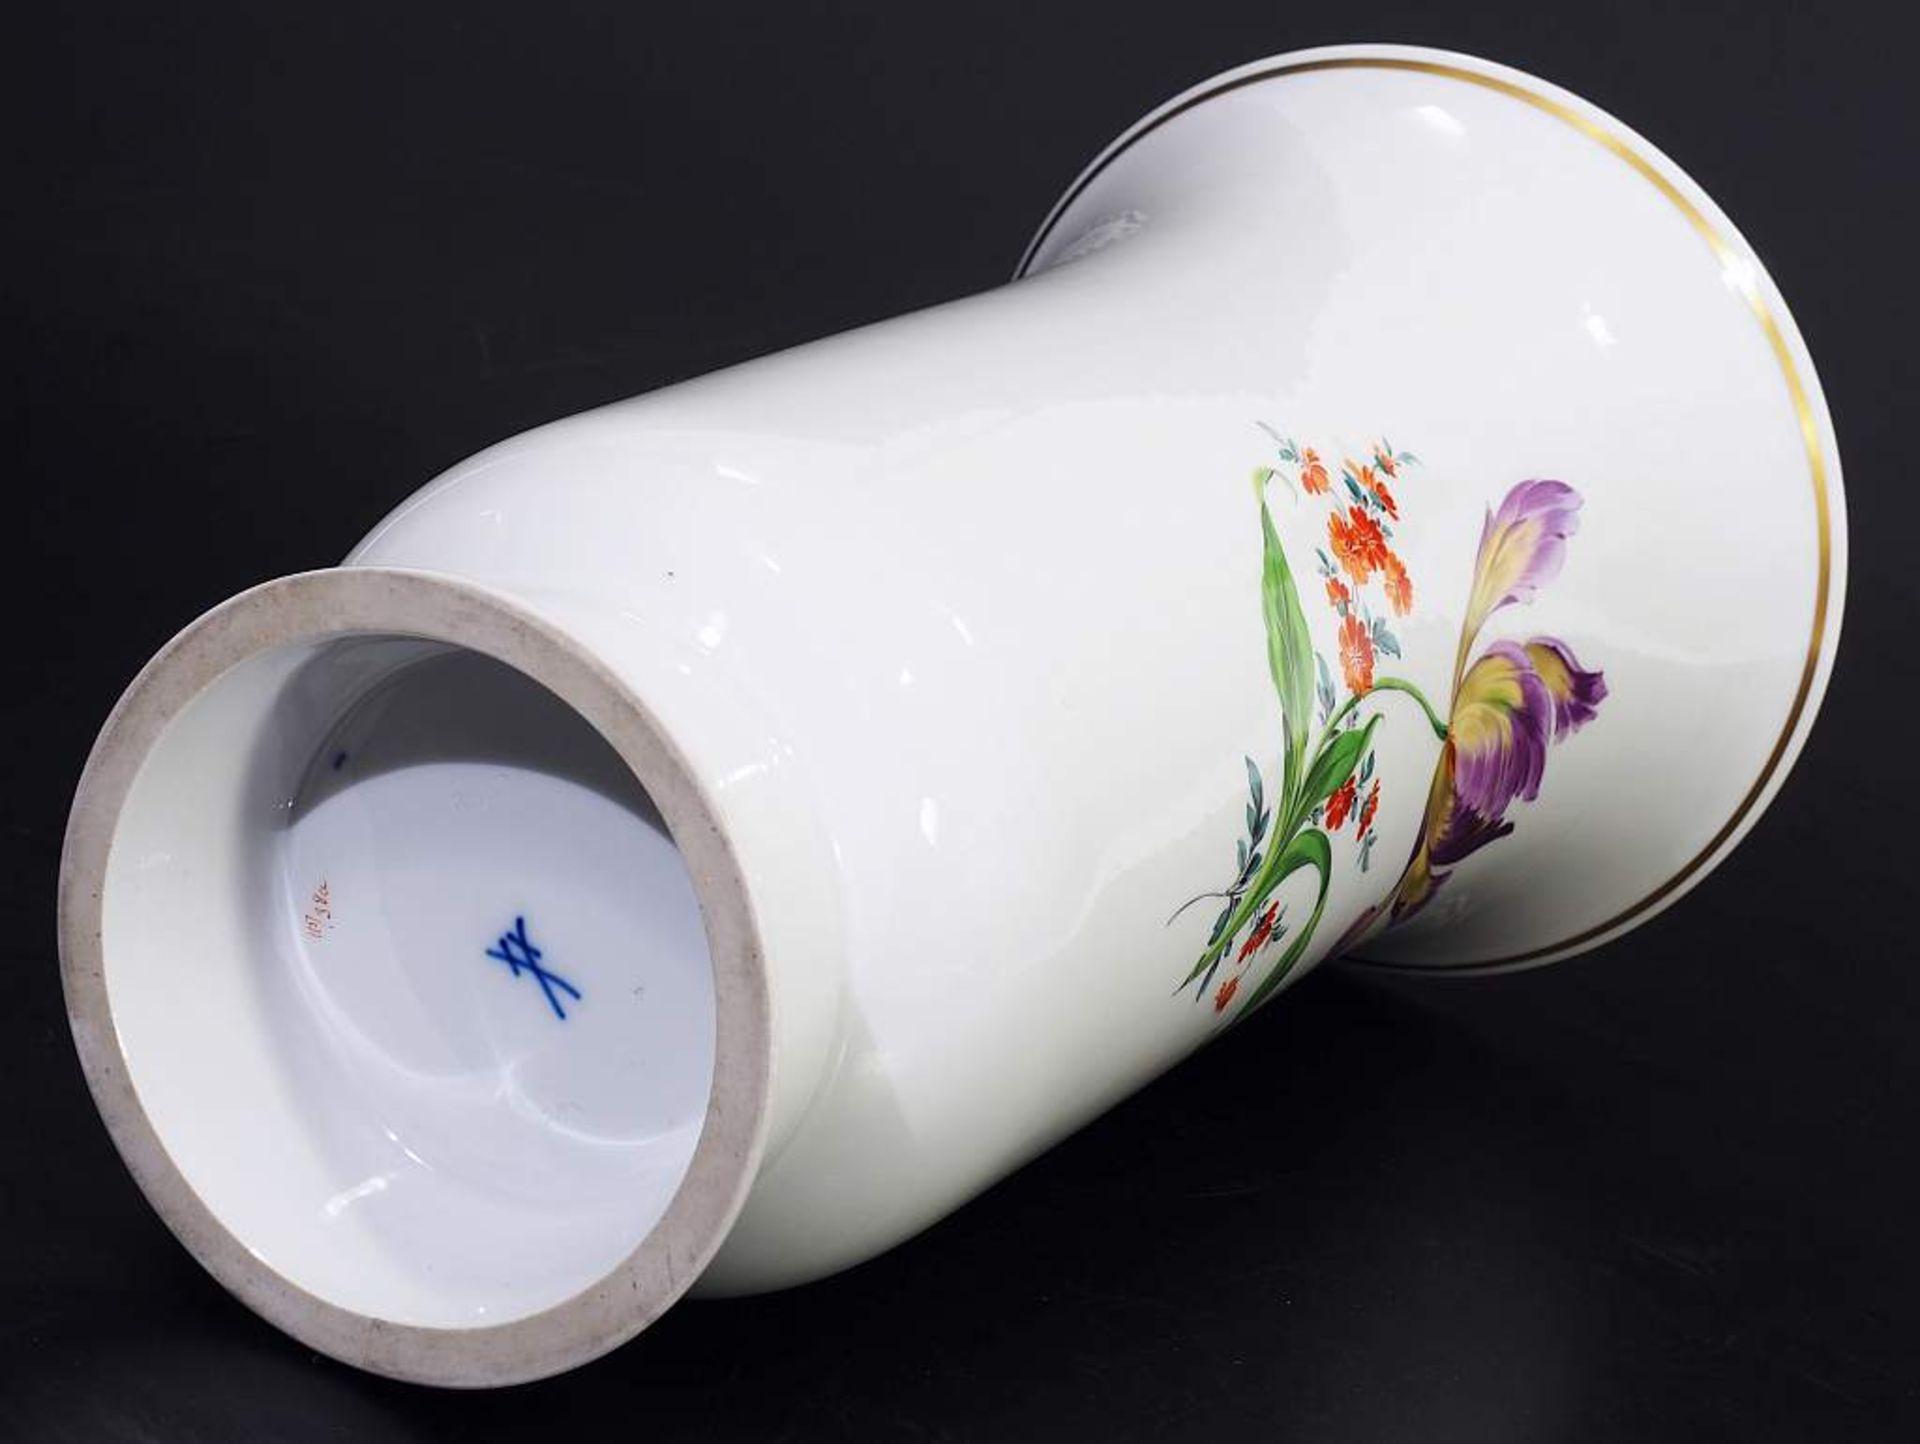 Los 17 - Große Art Déco-Vase. MEISSEN 1957 - 1972, 1. Wahl. Große Art Déco-Vase. MEISSEN 1957 - 1972, 1.